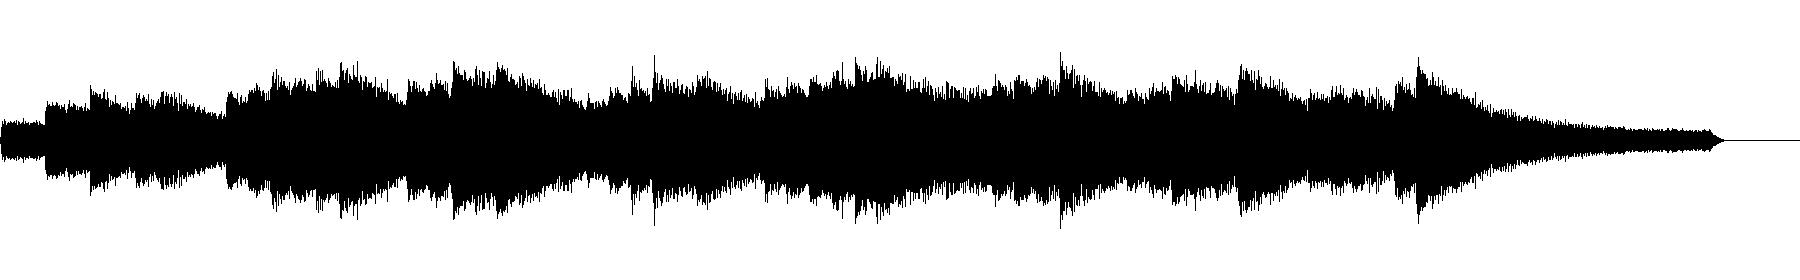 piano 105 bpm